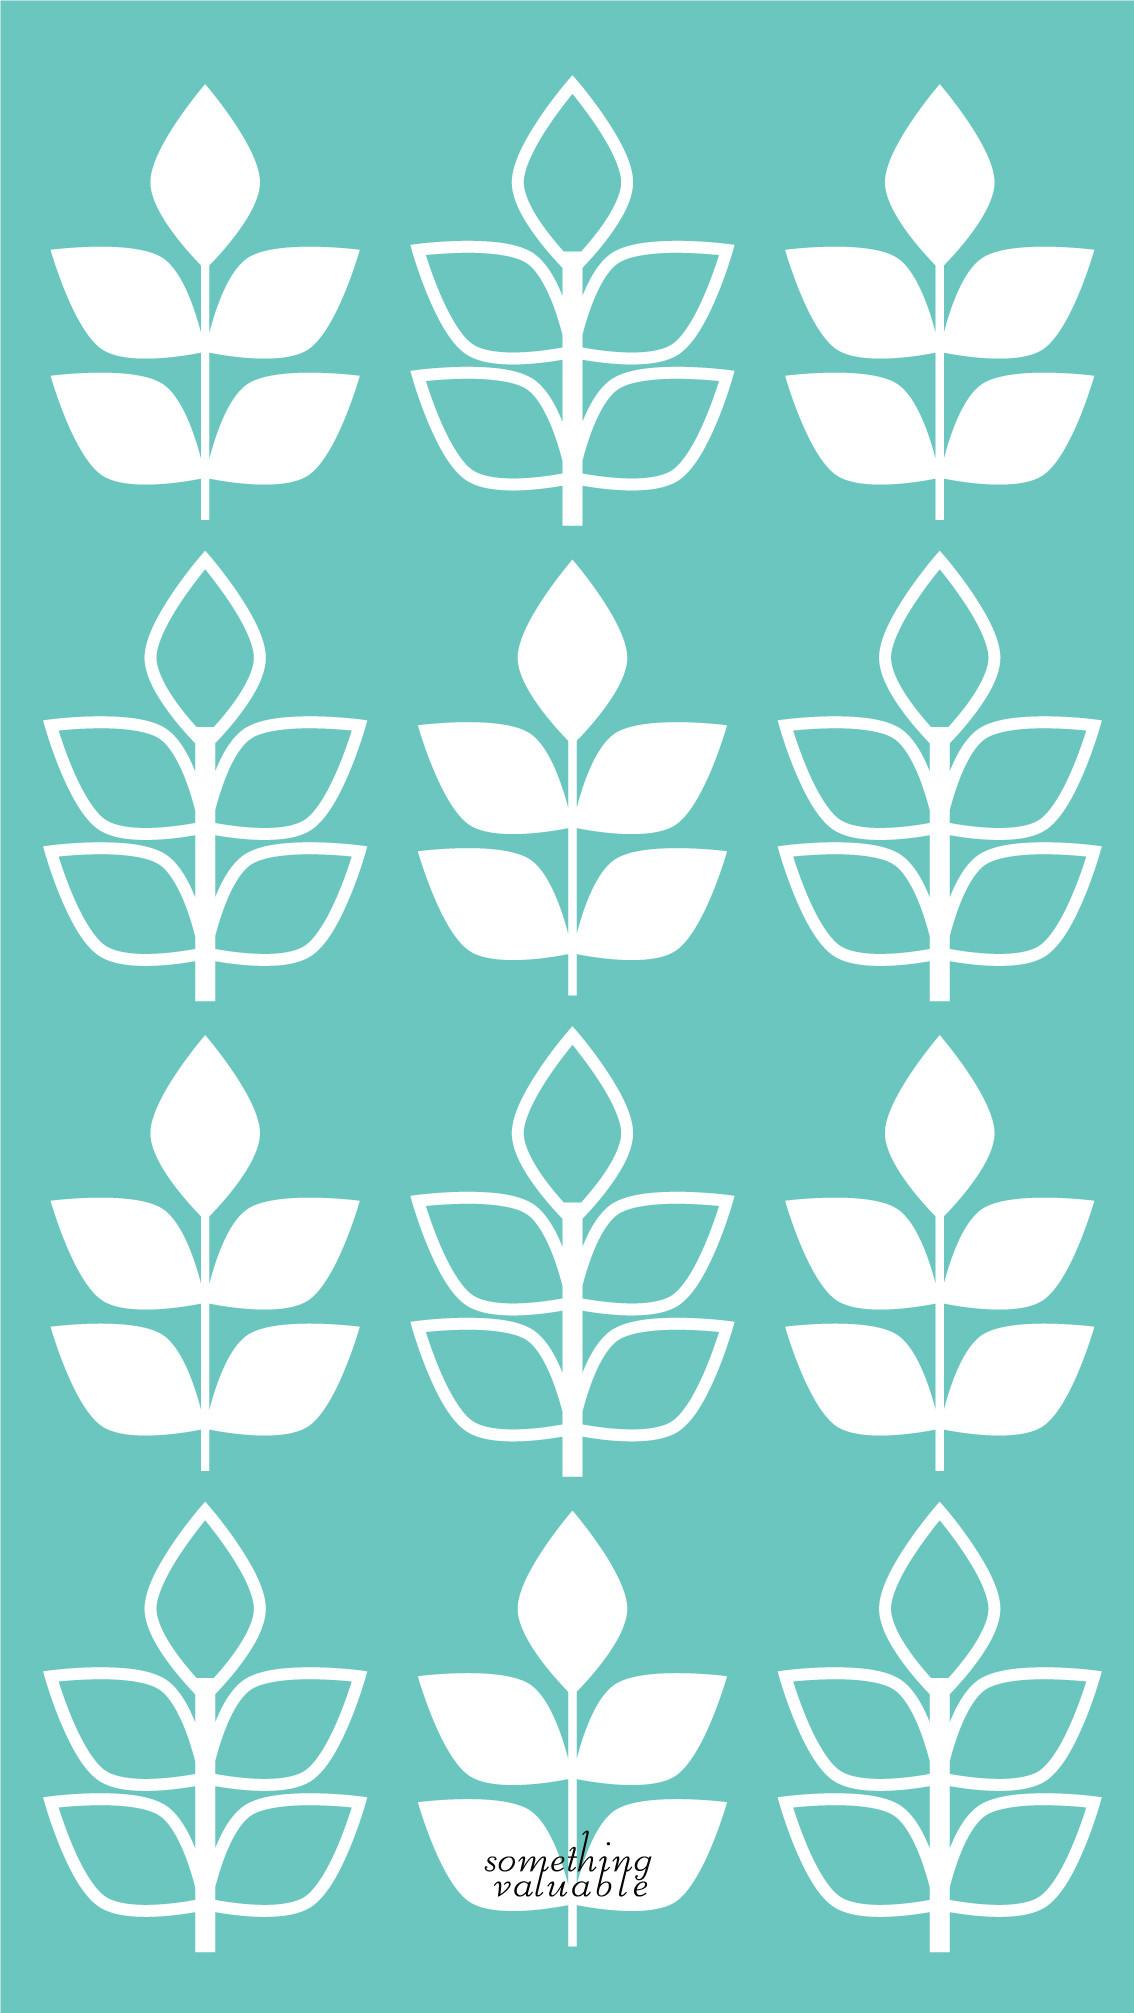 iPhone wallpaper design •SPRING LEAF MINT ver. •